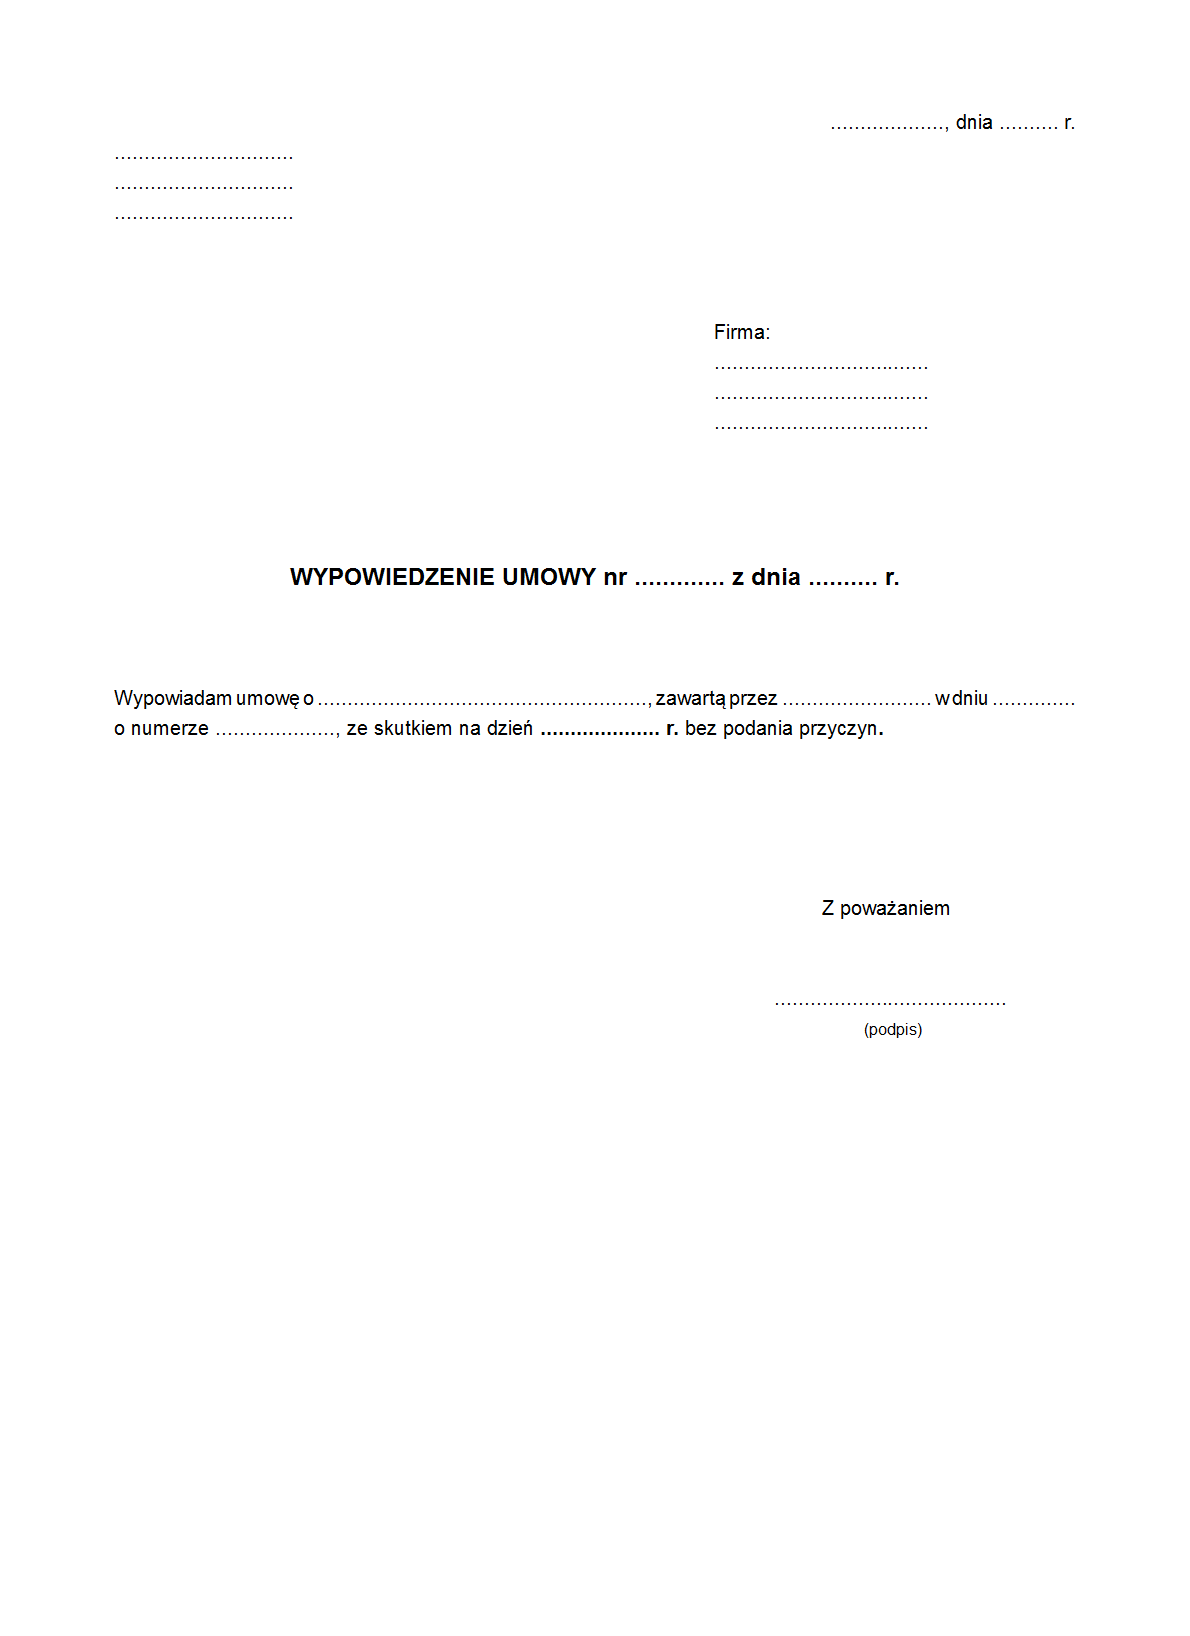 Wu Wypowiedzenie Umowy Wzór Druk Formularz Online